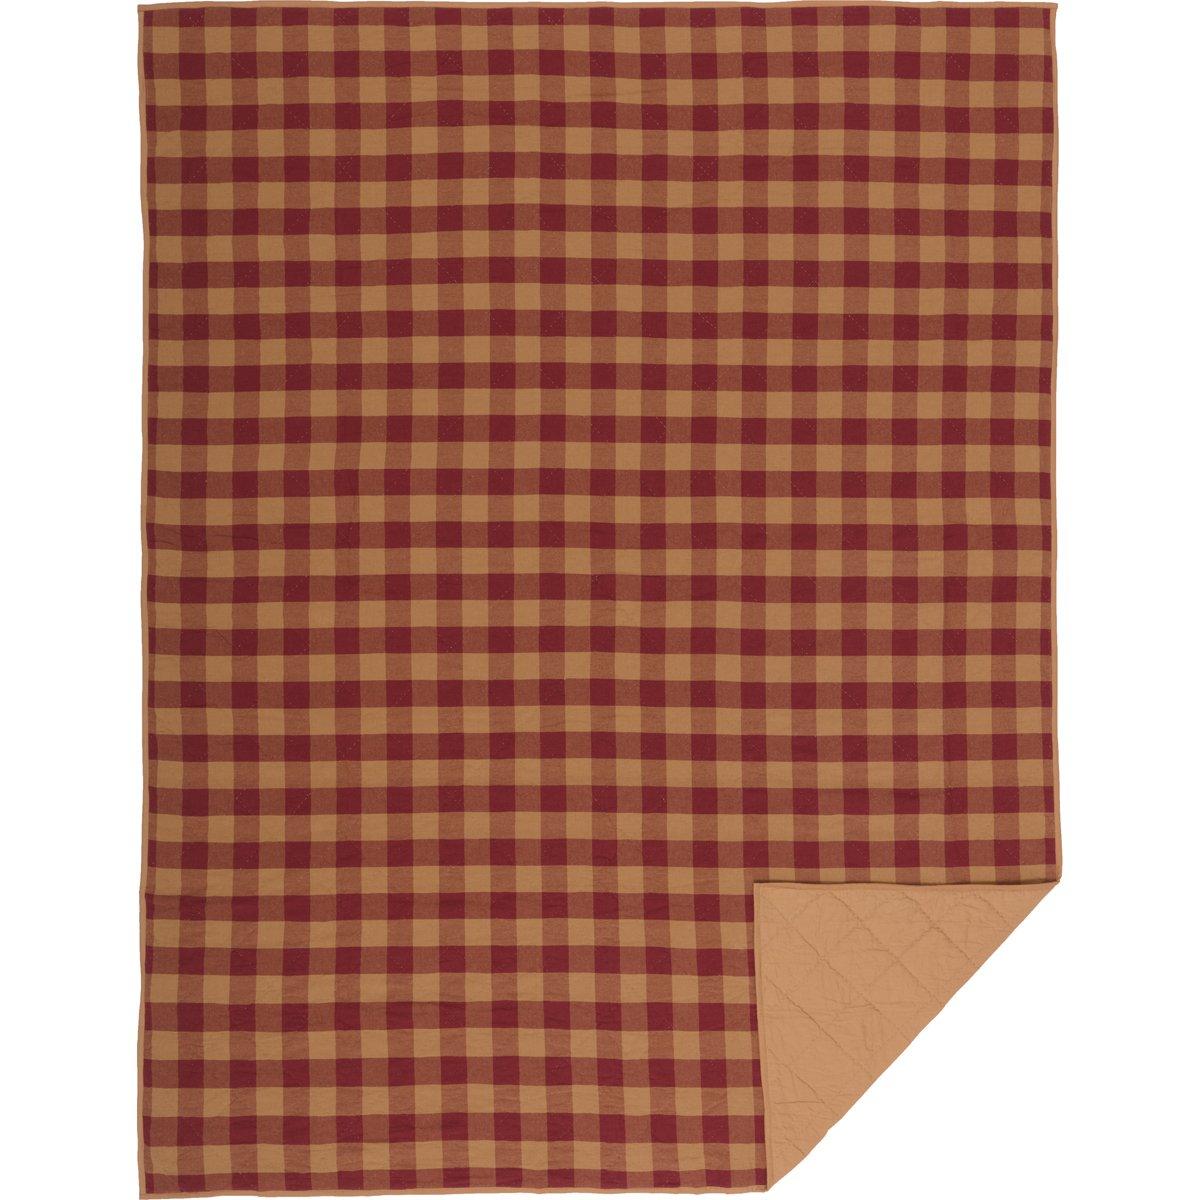 VHC Brands Primitive Bedding Check キルトカバー ツイン バーガンディ B07FK9L6S5